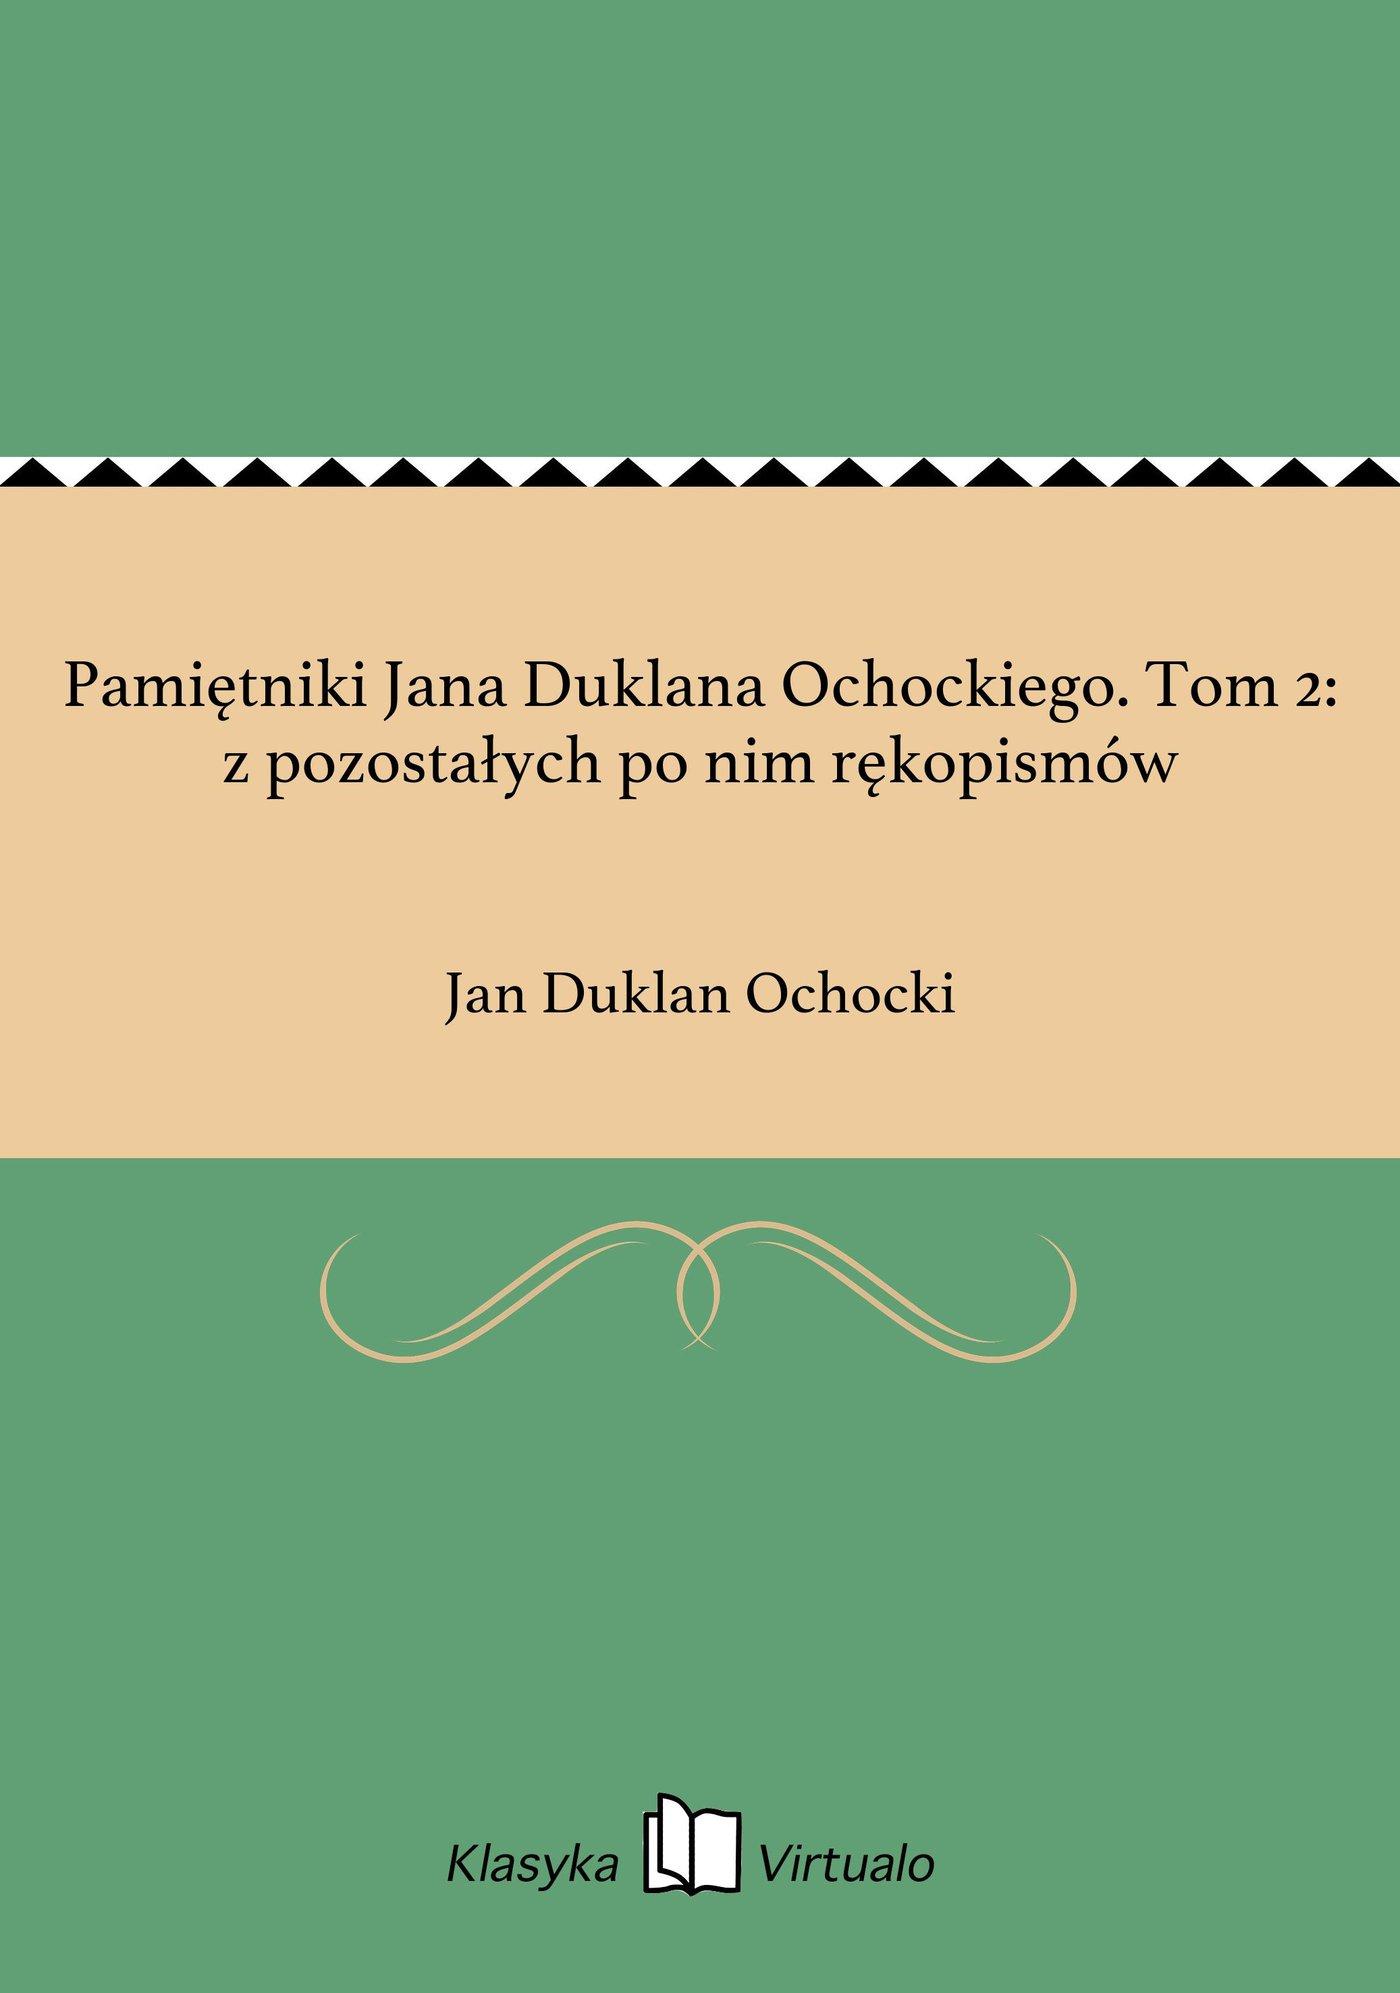 Pamiętniki Jana Duklana Ochockiego. Tom 2: z pozostałych po nim rękopismów - Ebook (Książka EPUB) do pobrania w formacie EPUB